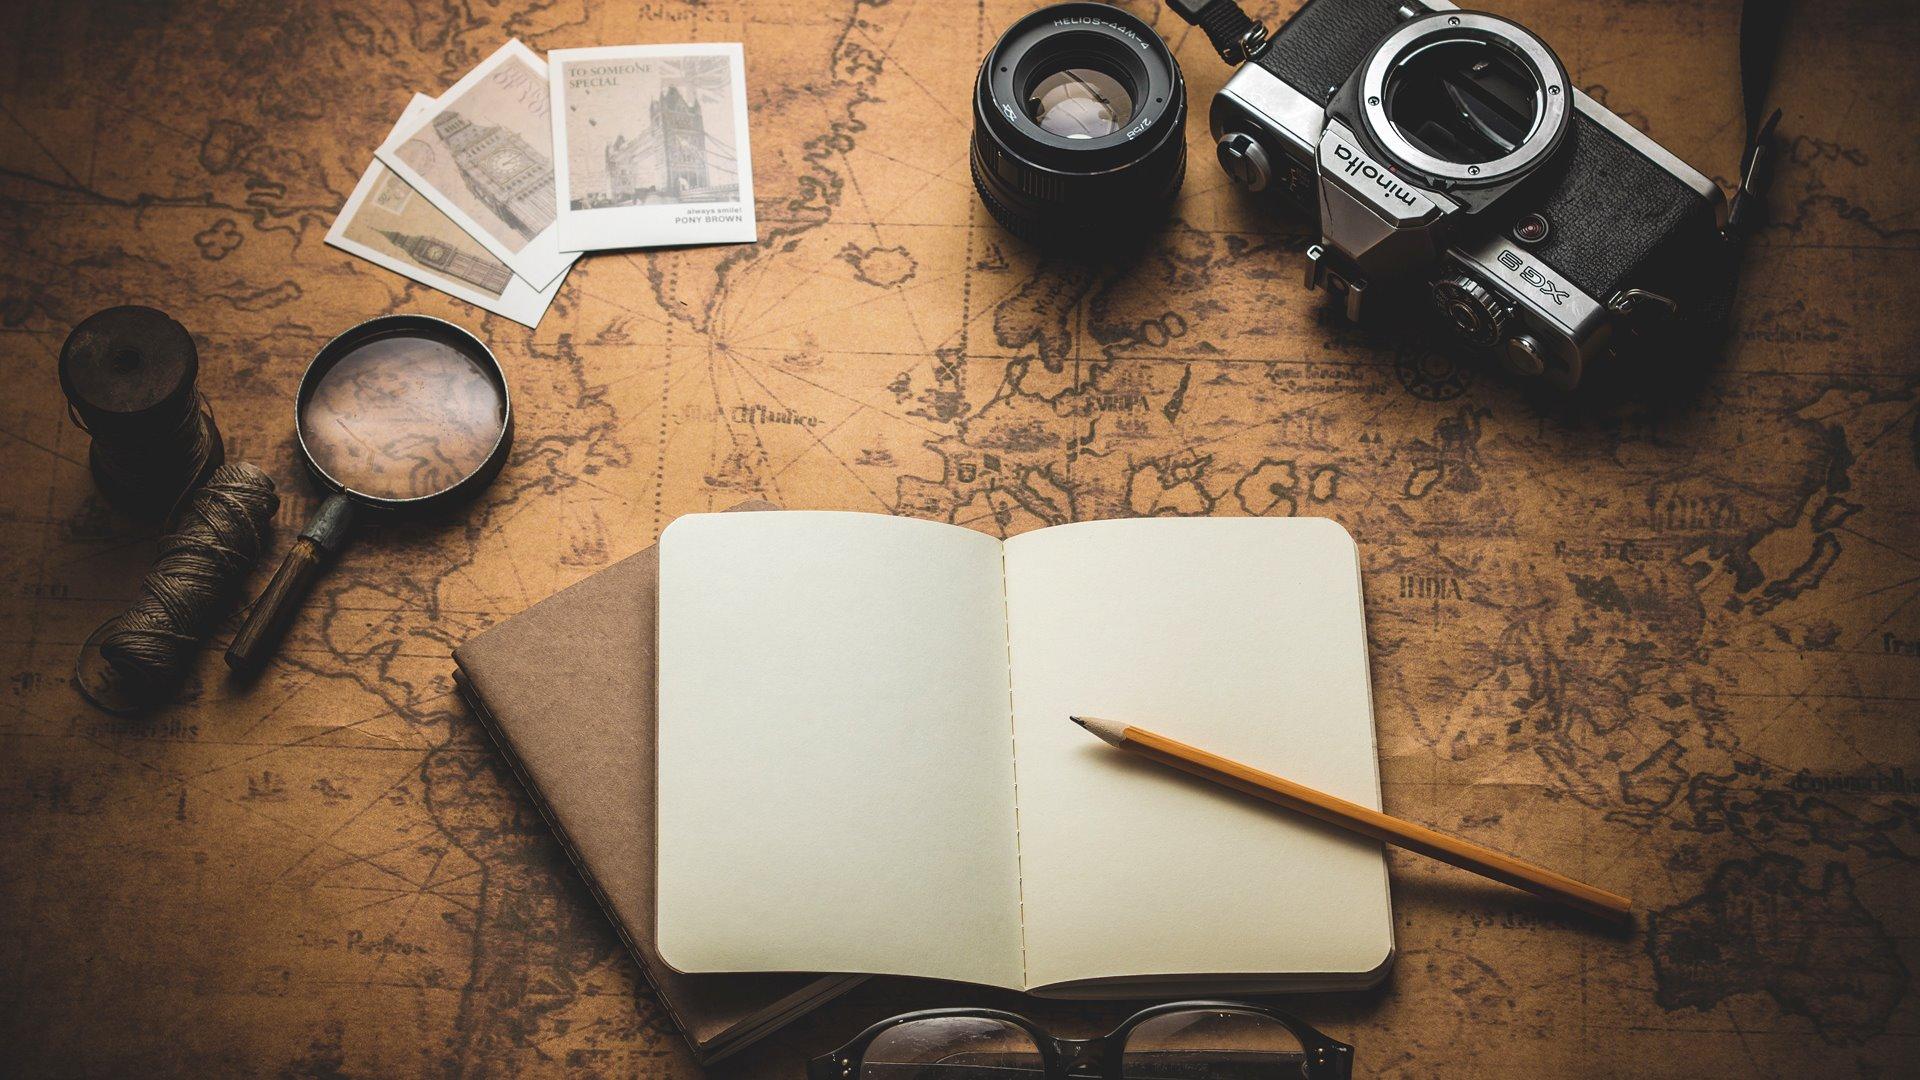 El viajero contemporáneo y sus narraciones